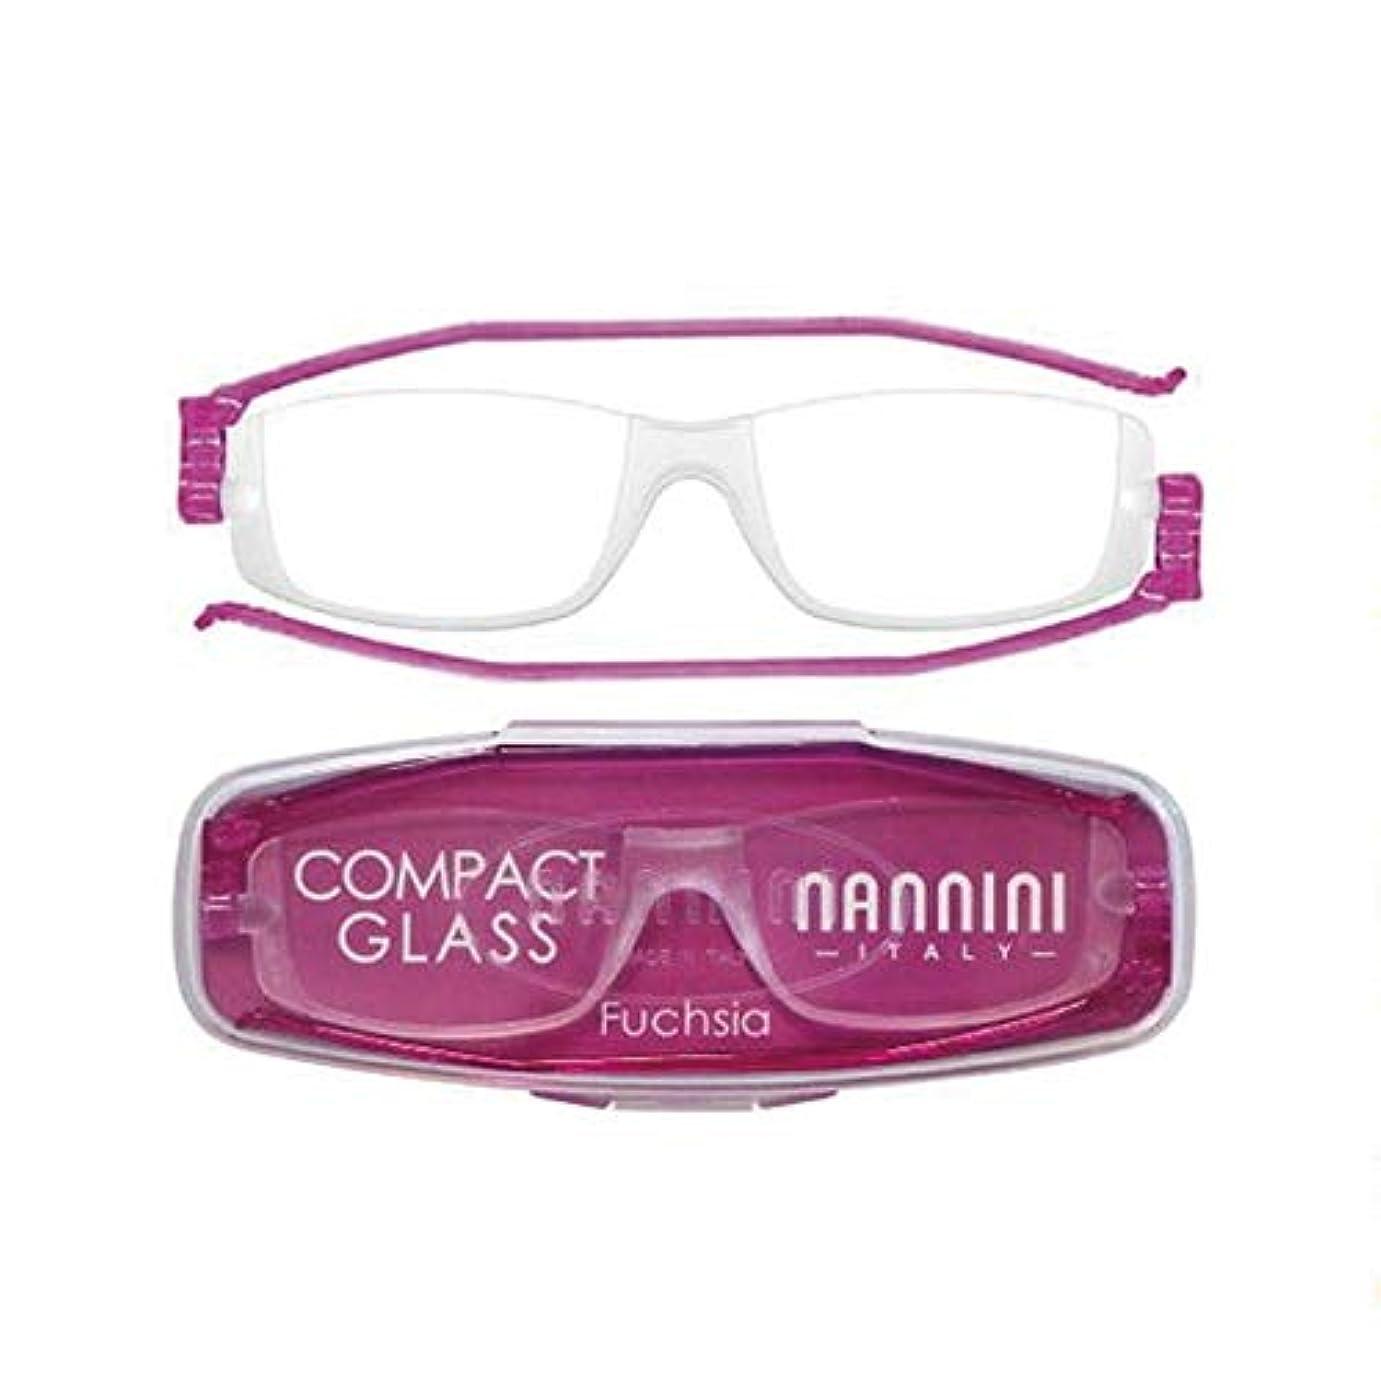 老眼鏡 コンパクトグラス2 nannini リーディンググラス 男性用 女性用 メンズ レディース シニアグラス 全12色(+3.00,フクシャ)